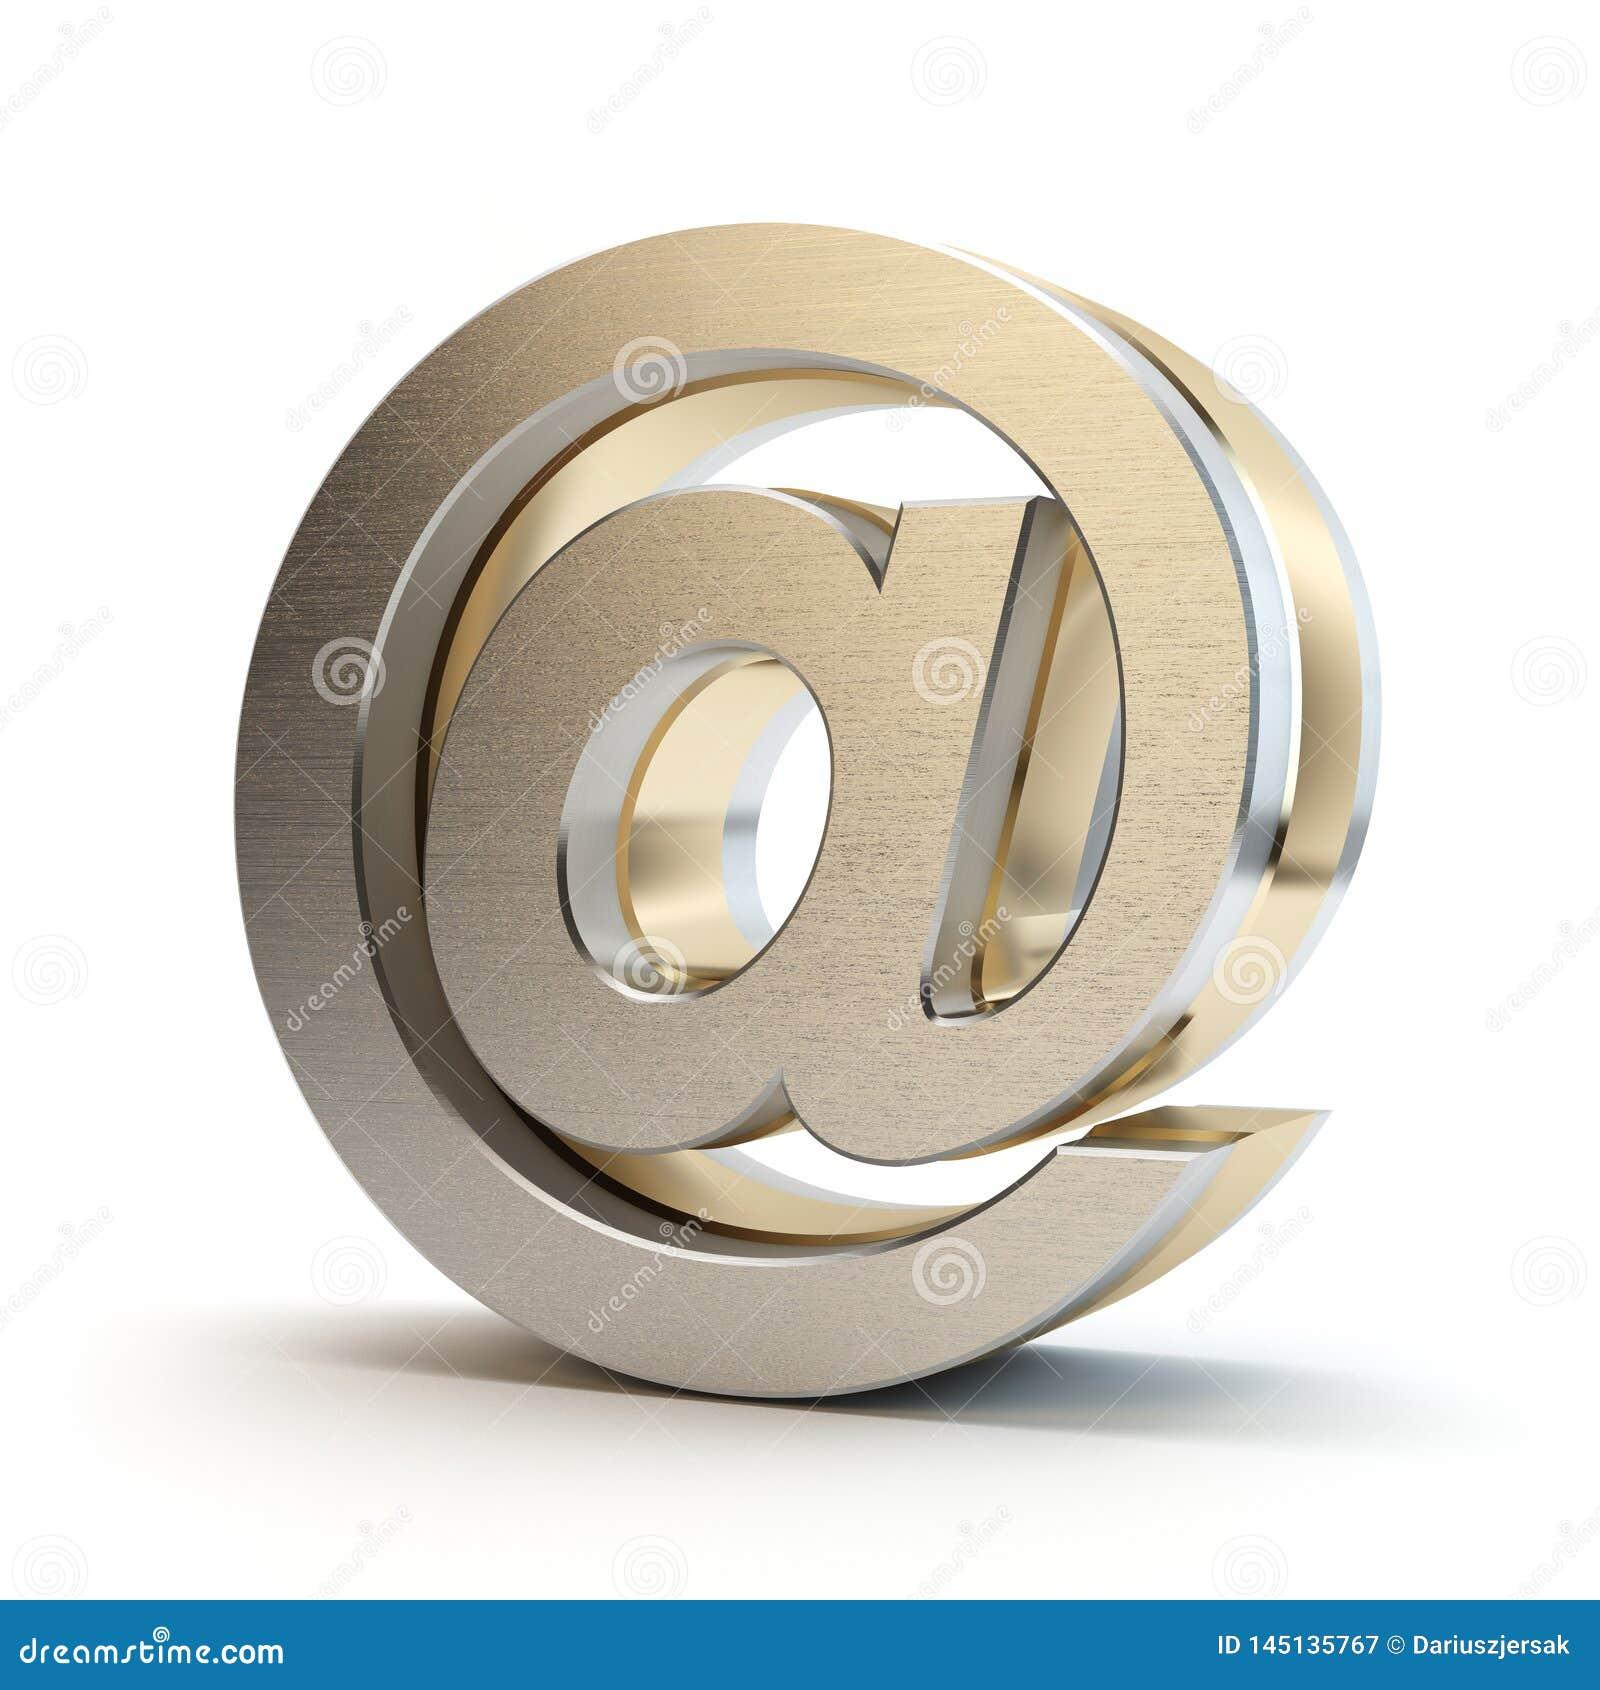 Σύμβολο ηλεκτρονικού ταχυδρομείου τρισδιάστατο